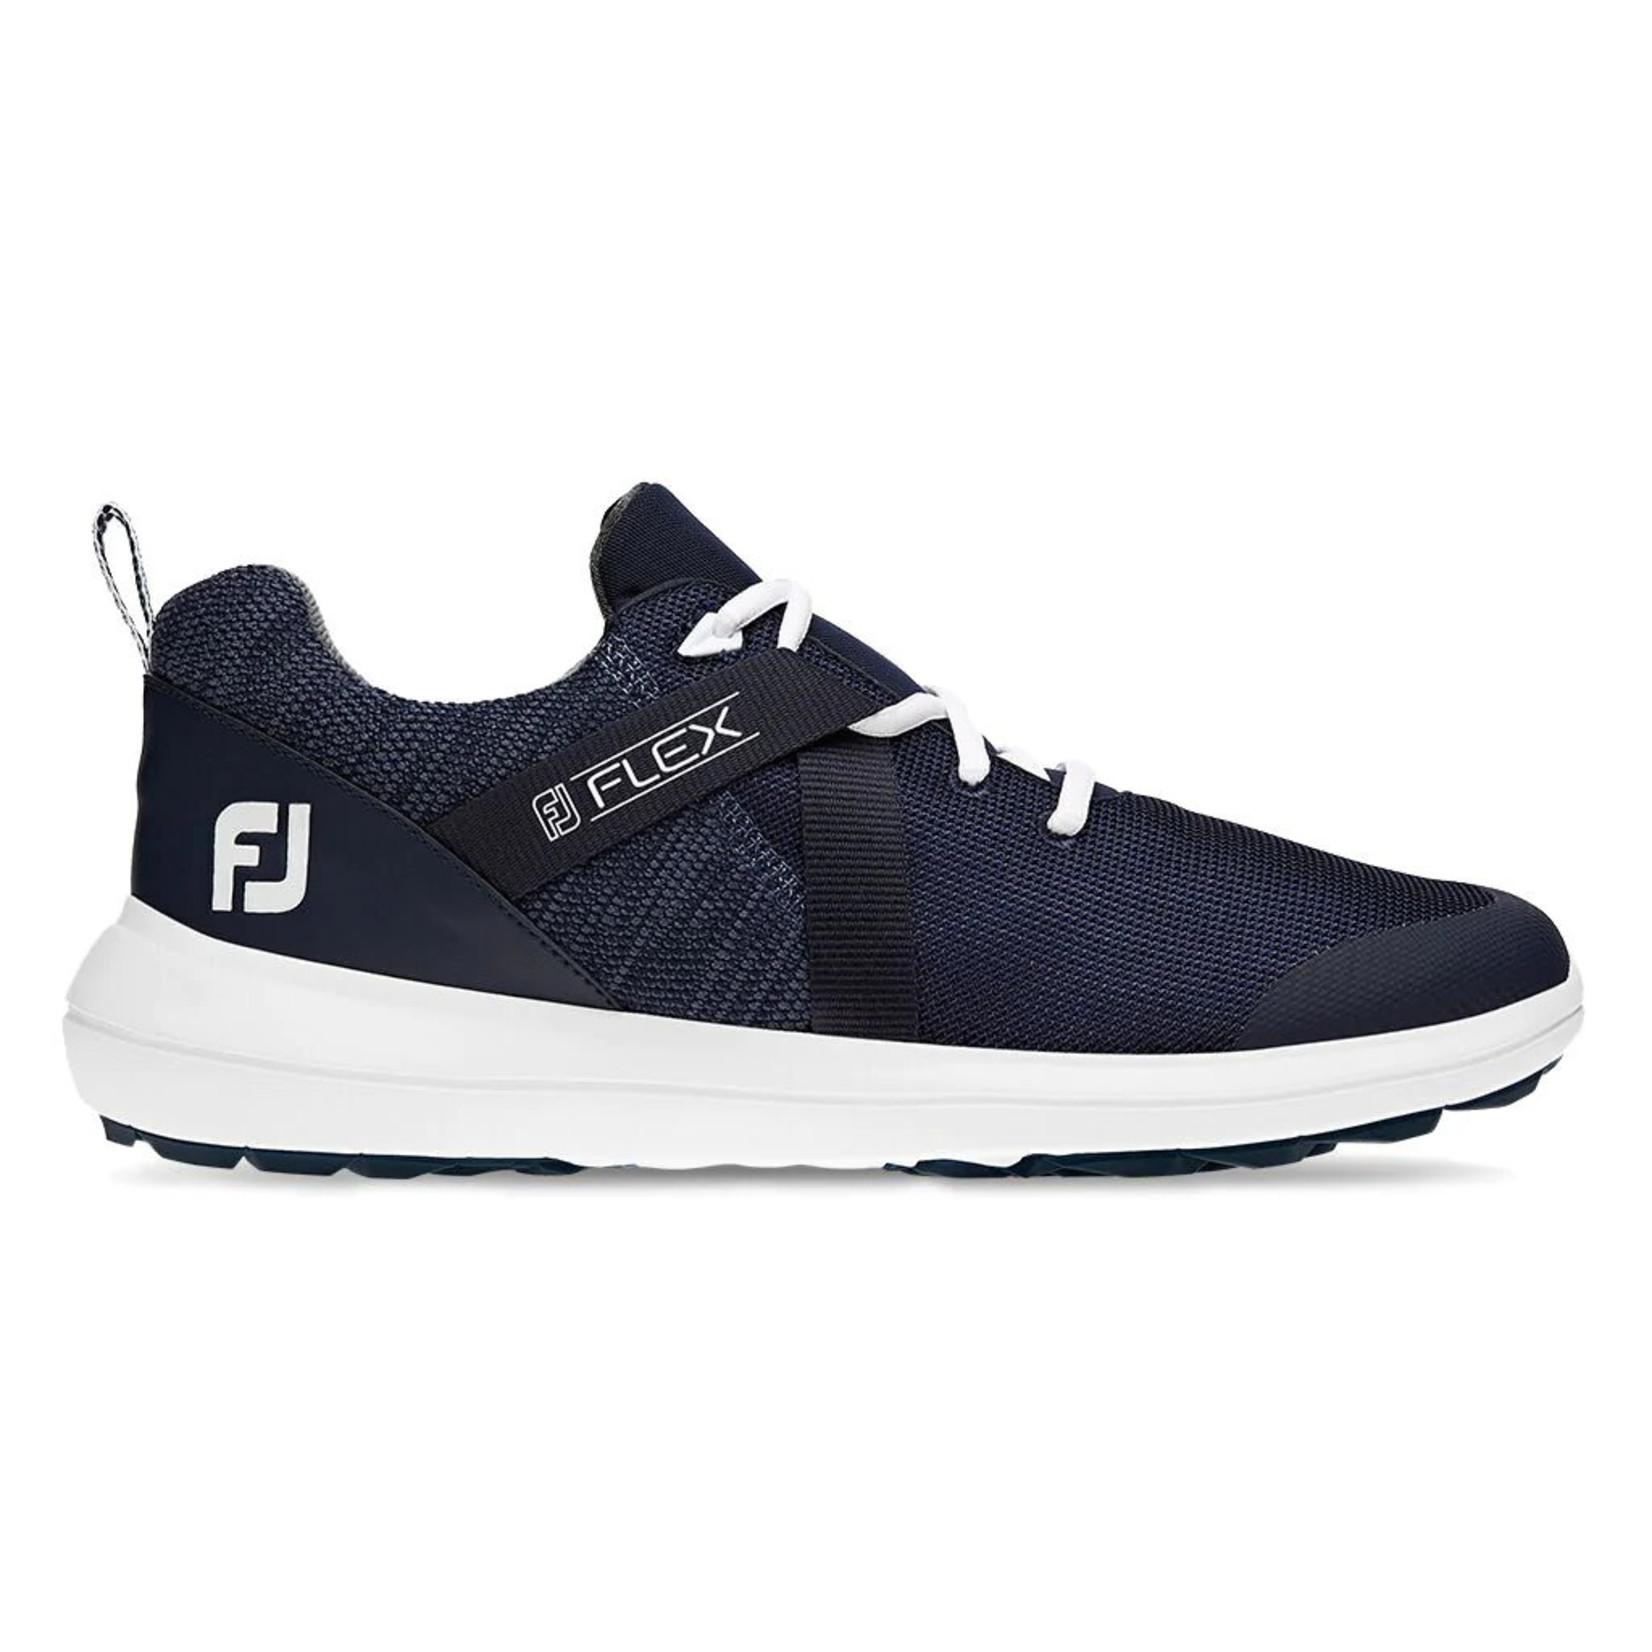 Footjoy FJ Flex SPKLS Mens